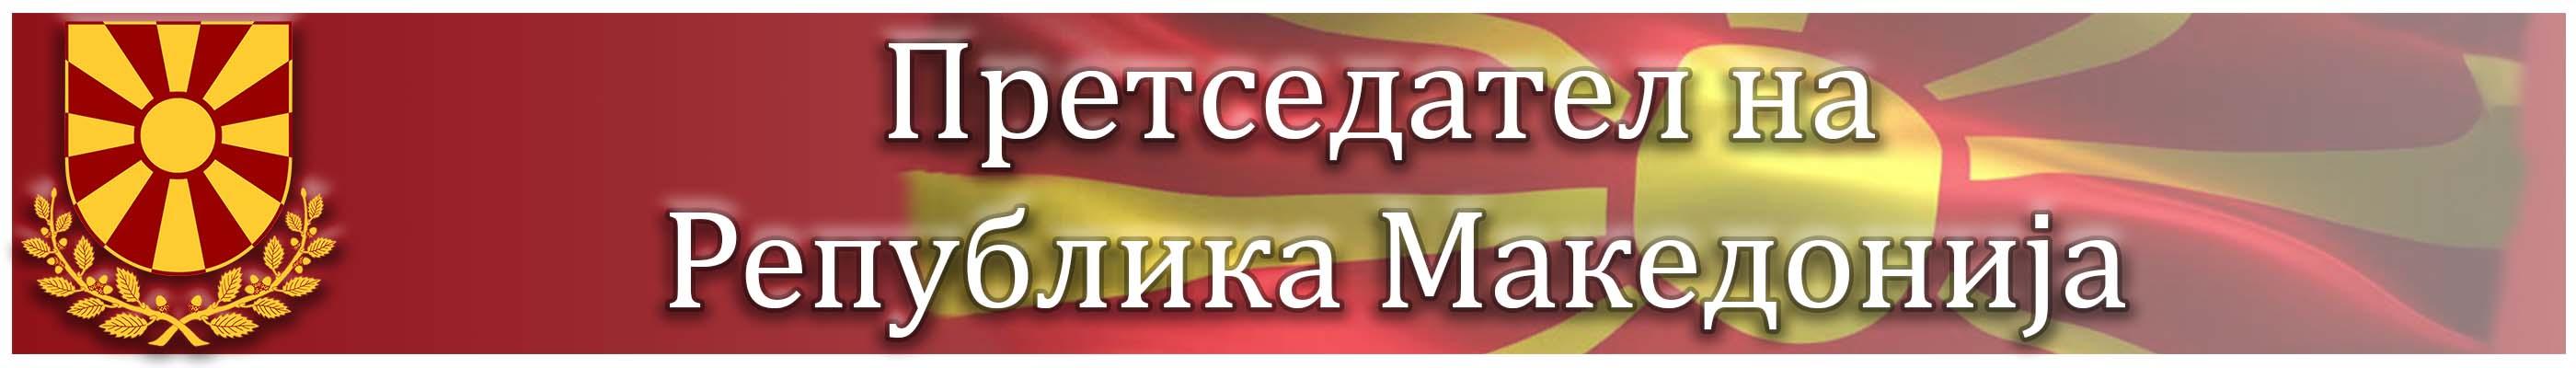 Претседател на Република Македонија